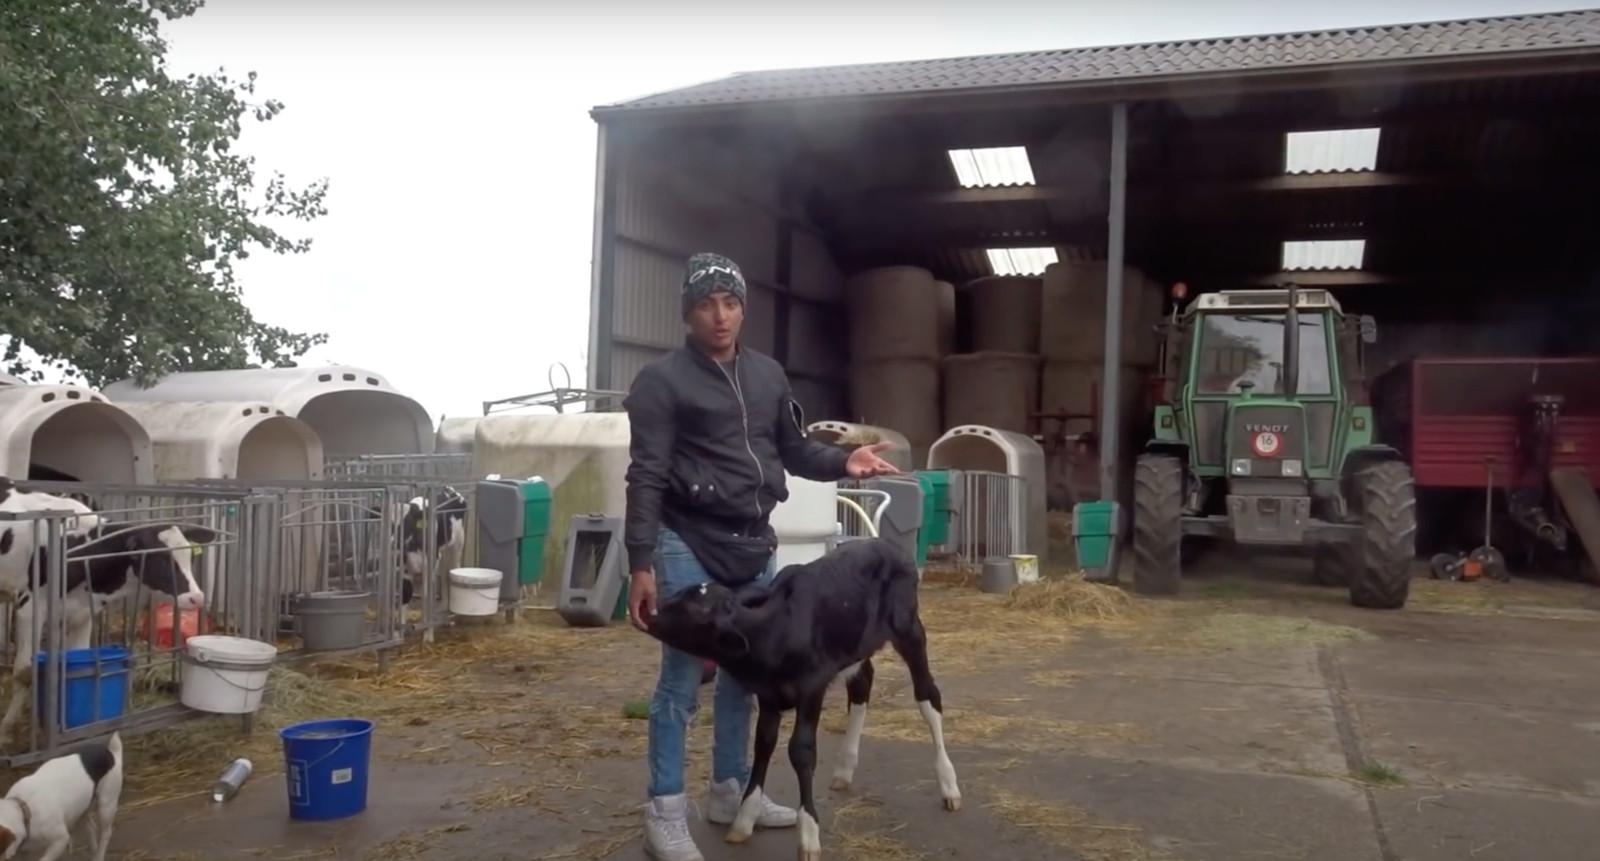 Ayoub op de boerderij.